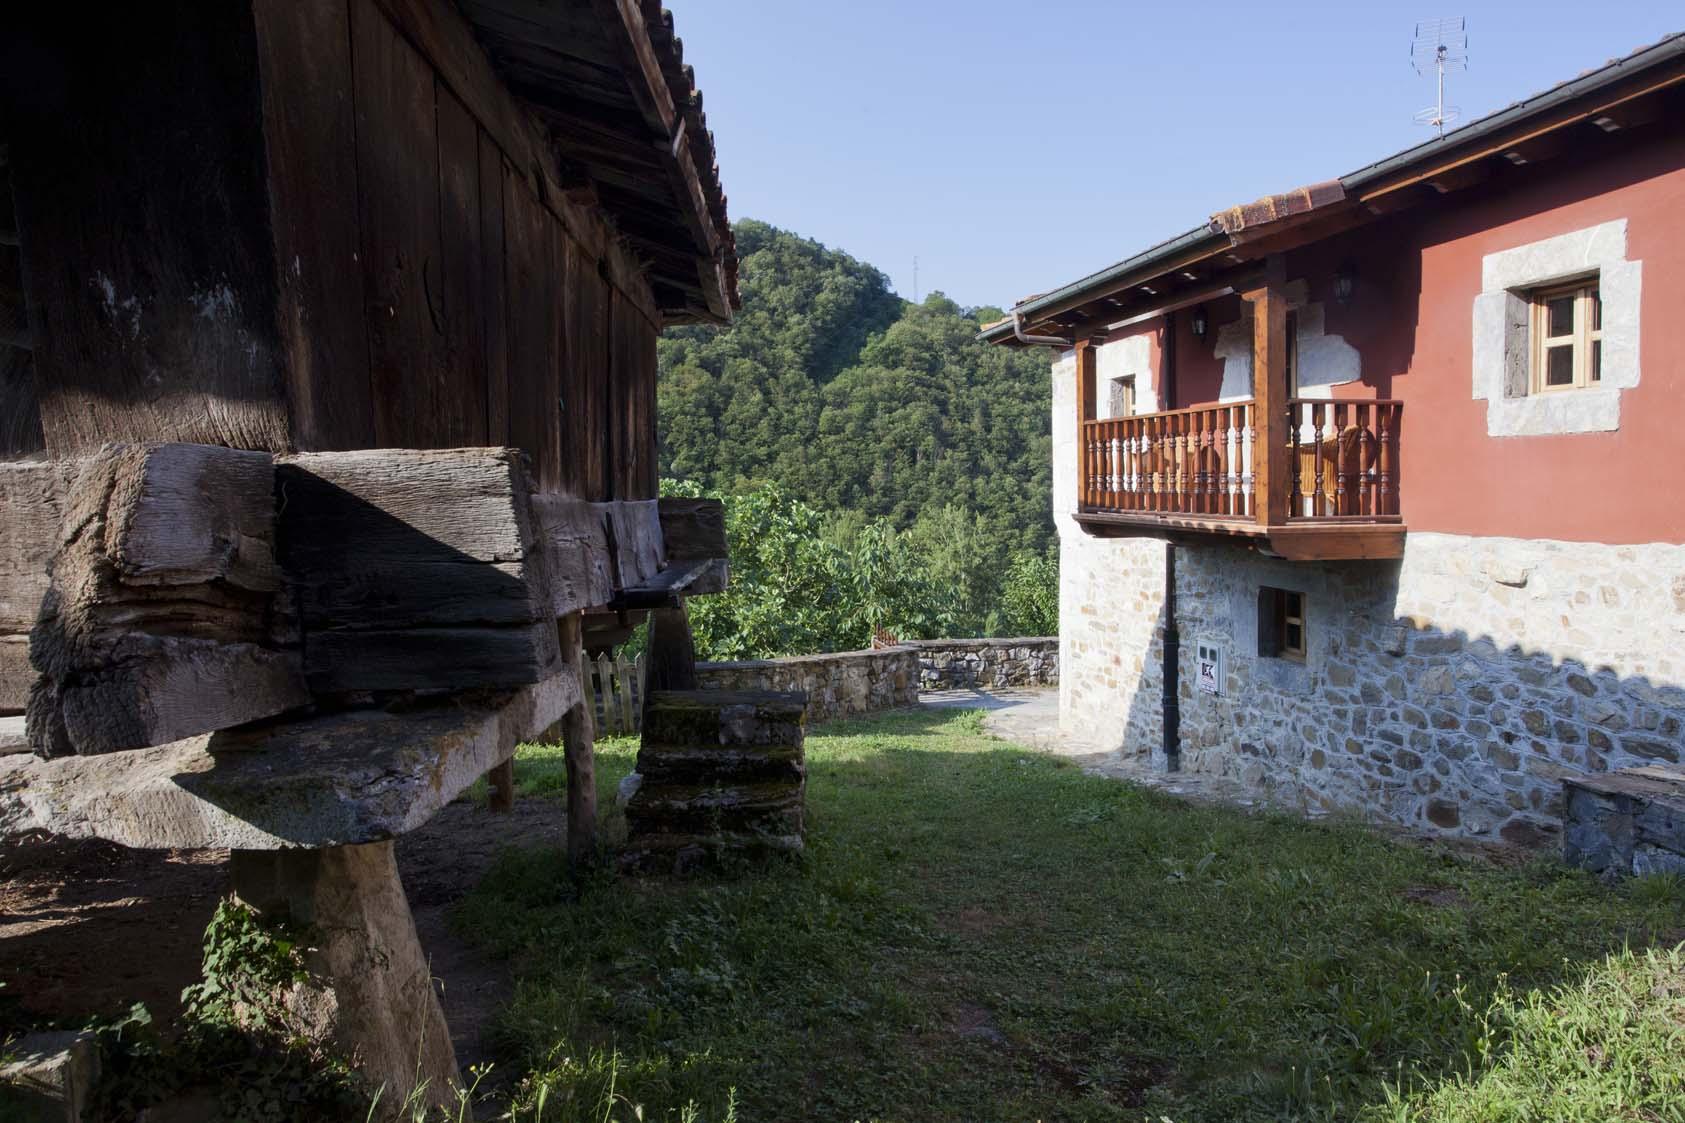 Exterior casona de Riomera. Casa de Aldea, Aller, Asturias